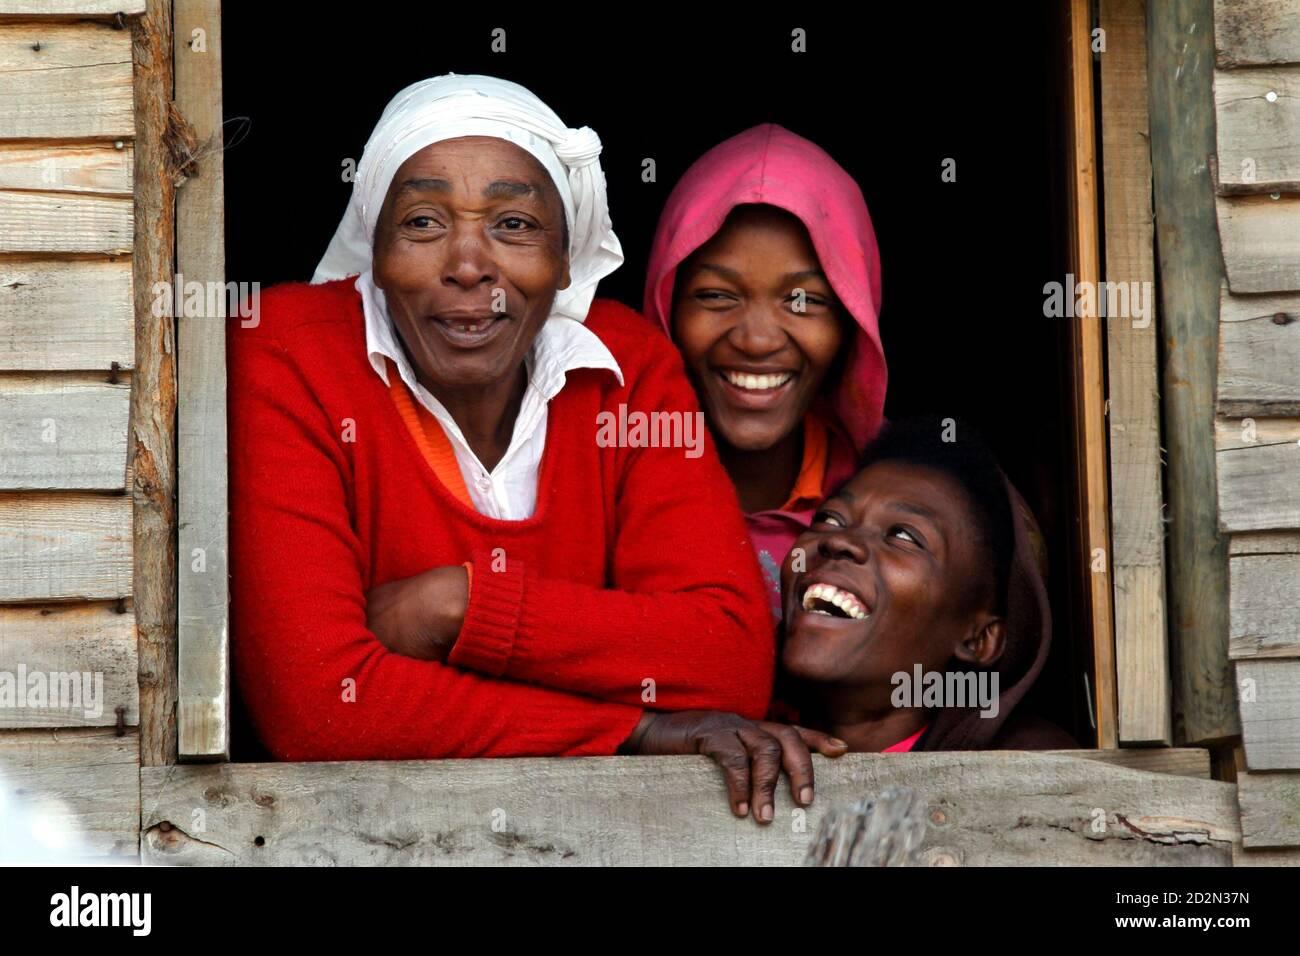 I residenti guardano fuori una finestra in una cittadina locale a Knysna, vicino a Città del Capo 13 giugno 2010. REUTERS/Charles Platiau (SUDAFRICA - Tag: SOCIETÀ) Foto Stock